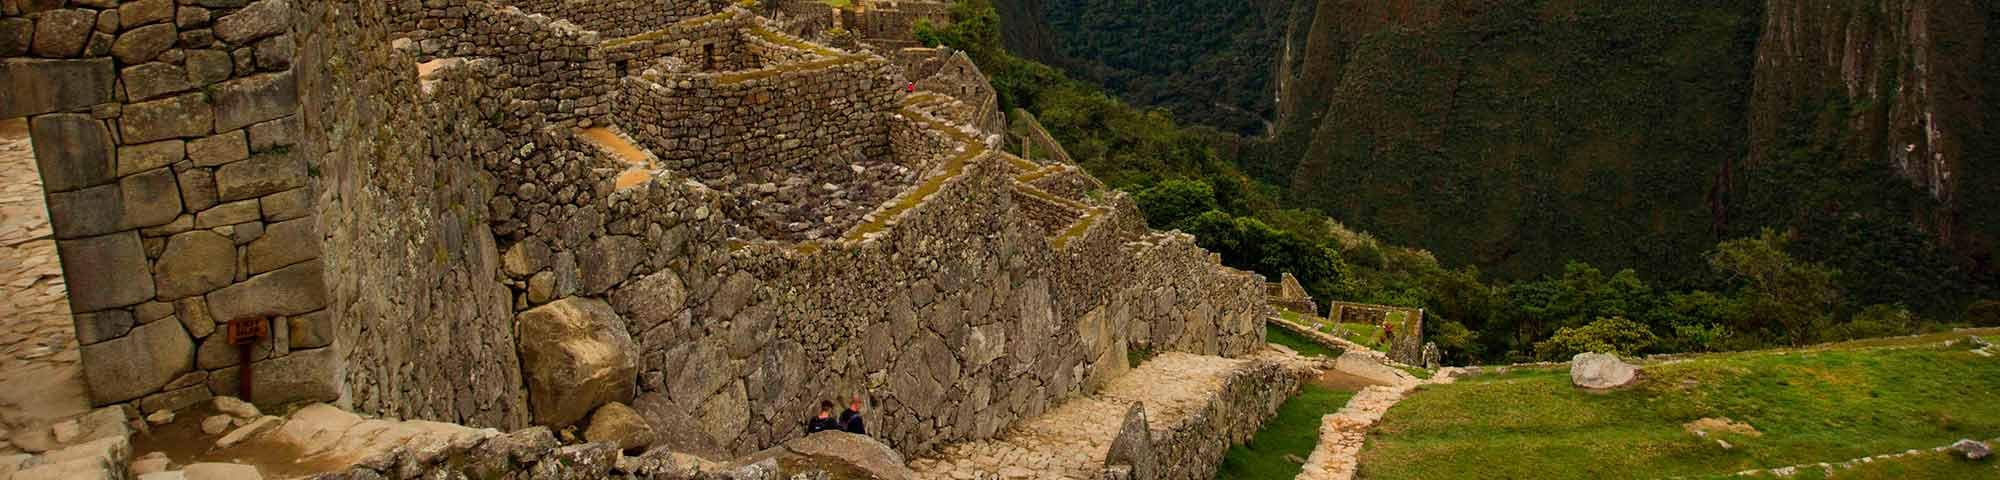 Gobierno acuerda ampliar aforo en Machu Picchu